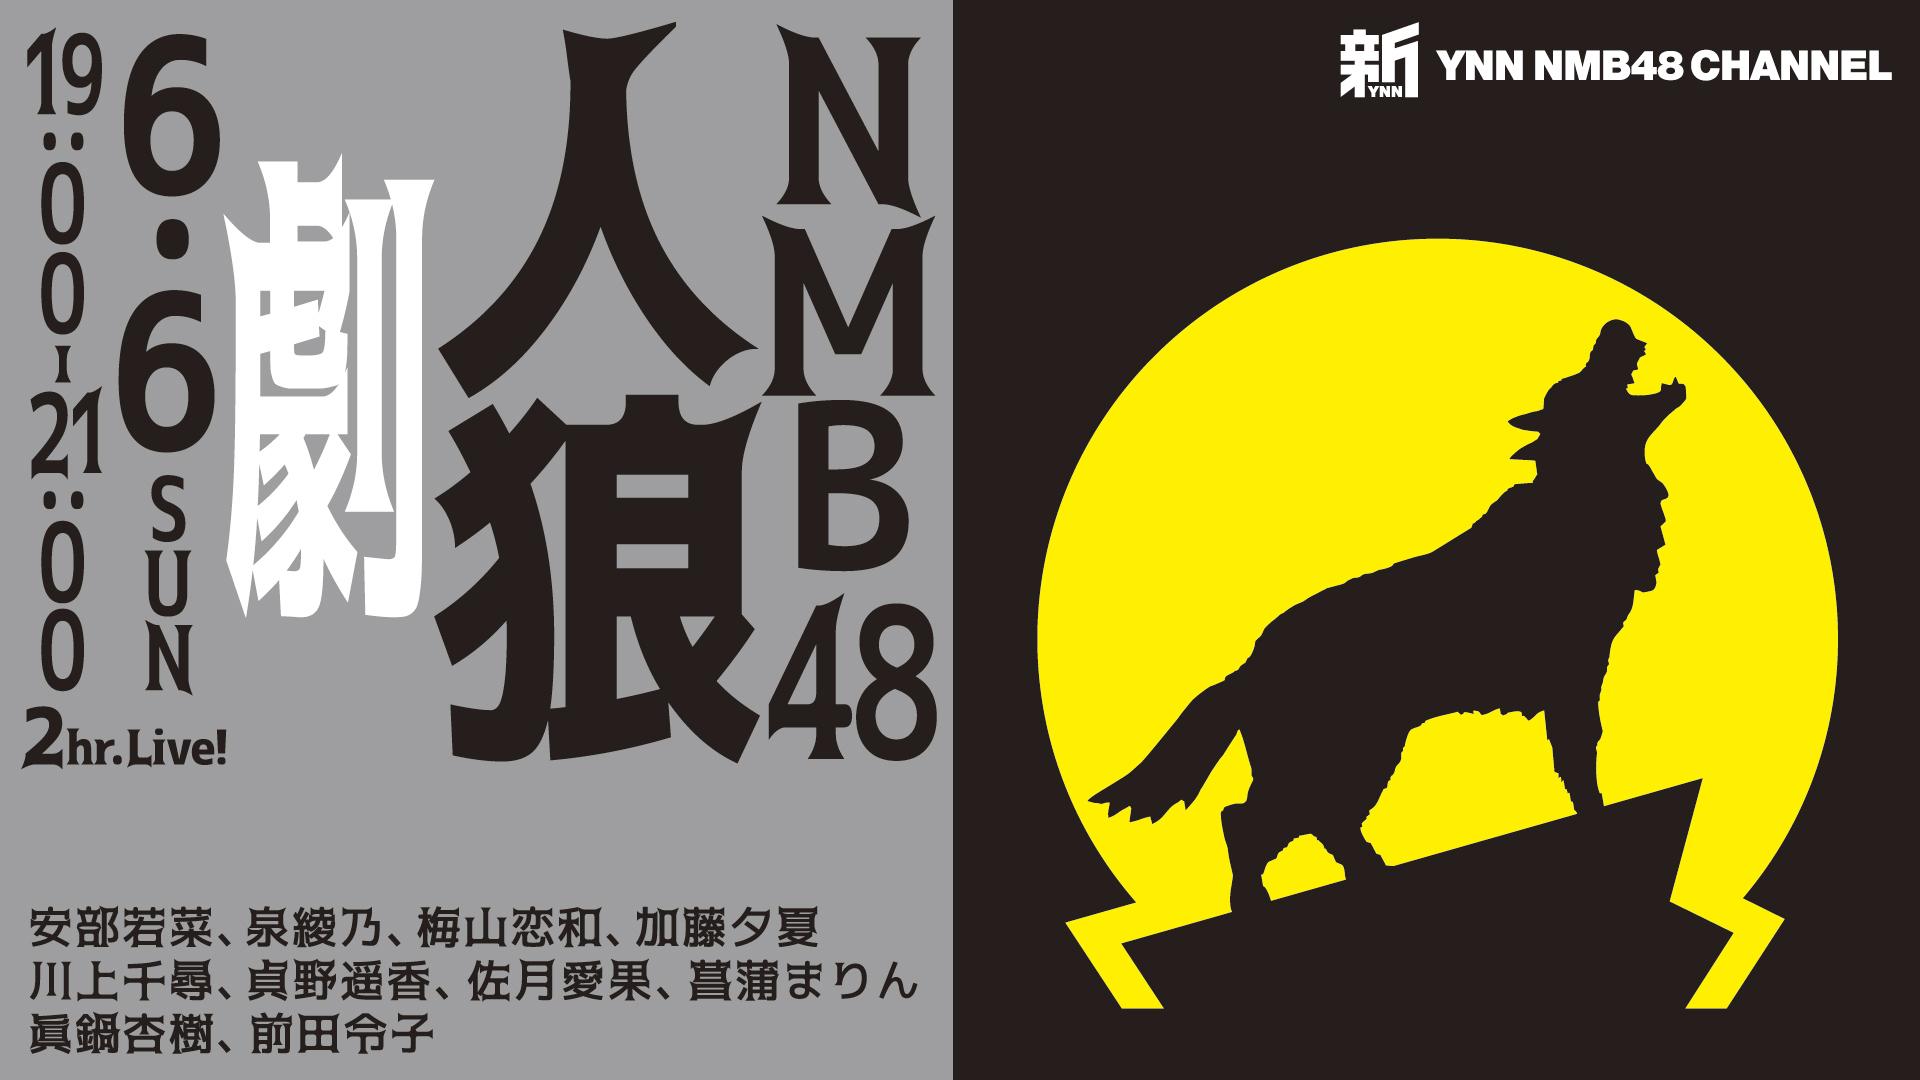 【NMB48】6/6(日)19:00から「NMB48人狼 劇」が配信